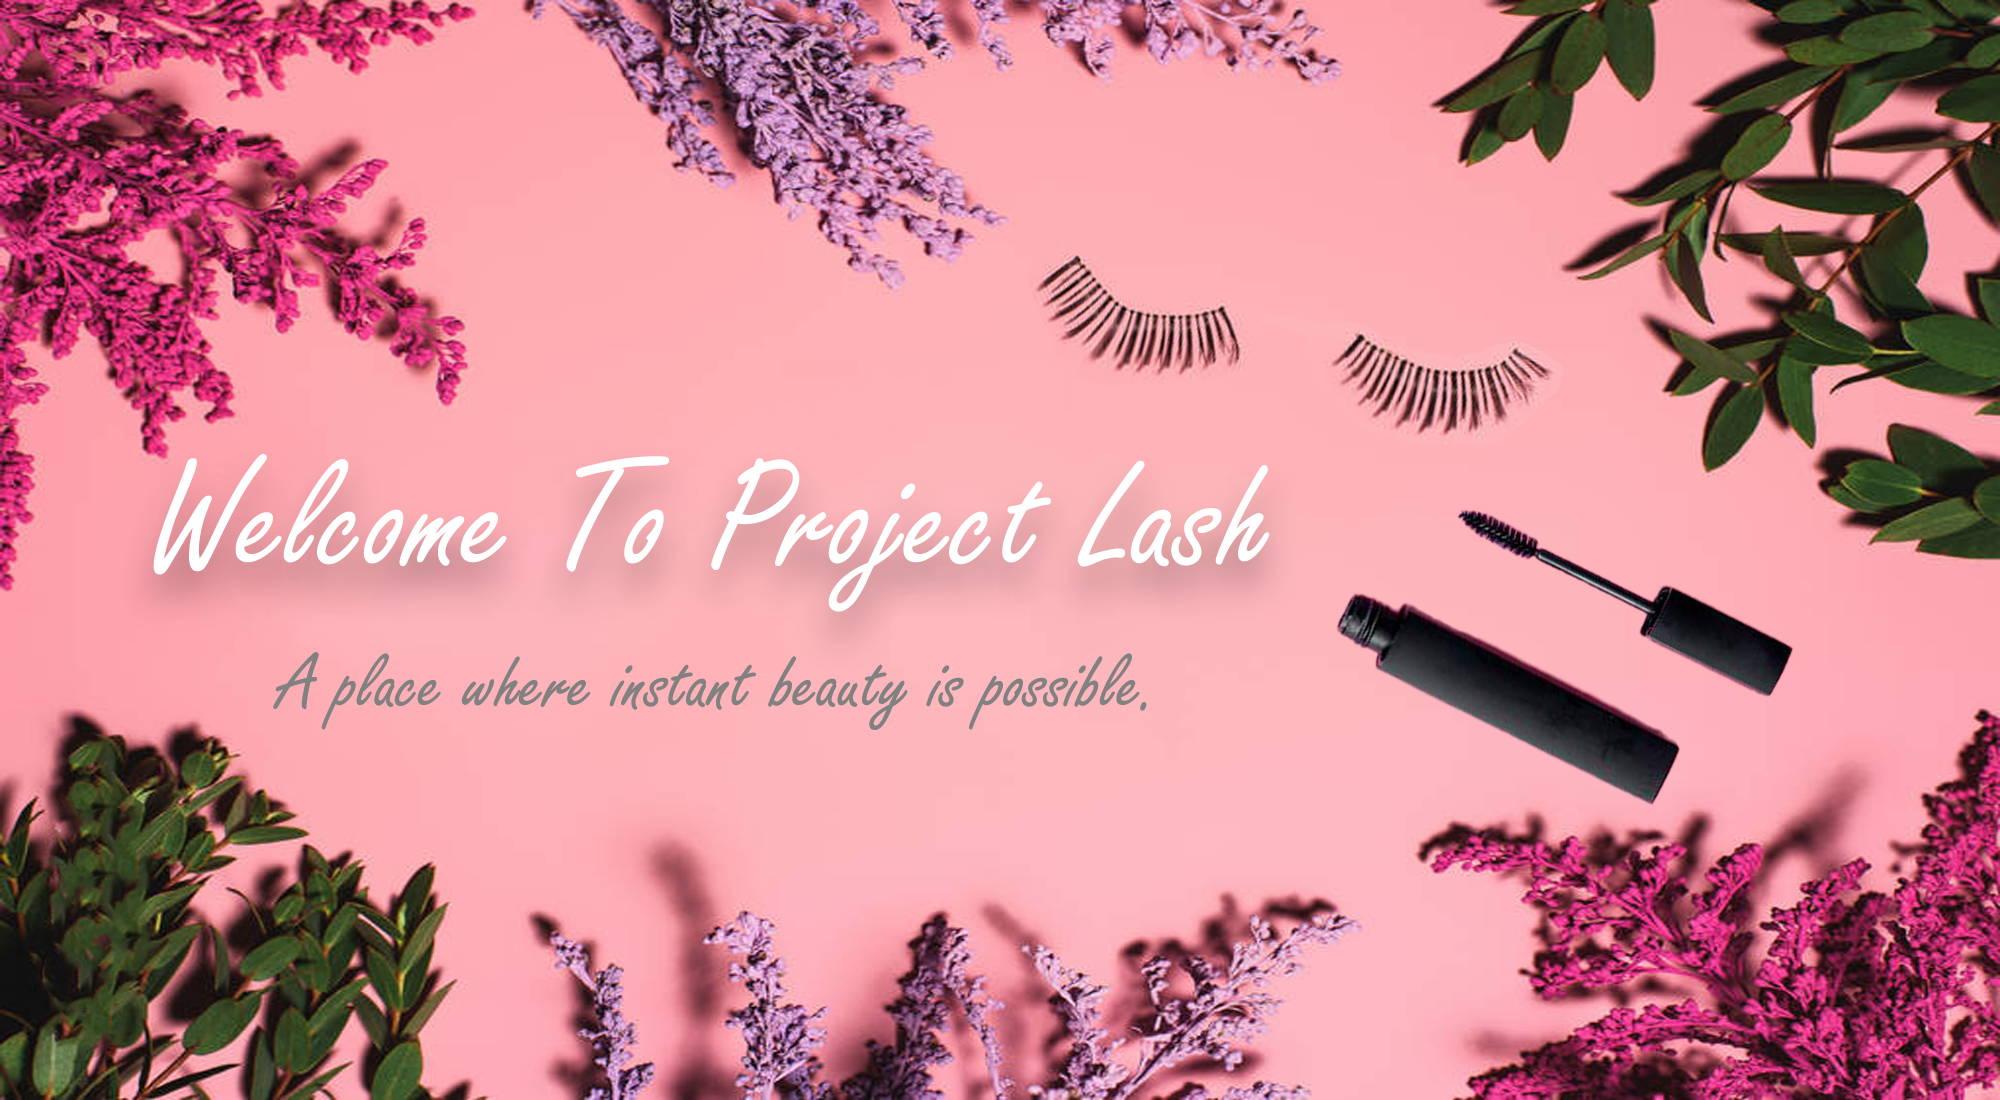 Project Lash Studio - Premium Korean Eyelash Extension Studio In Singapore